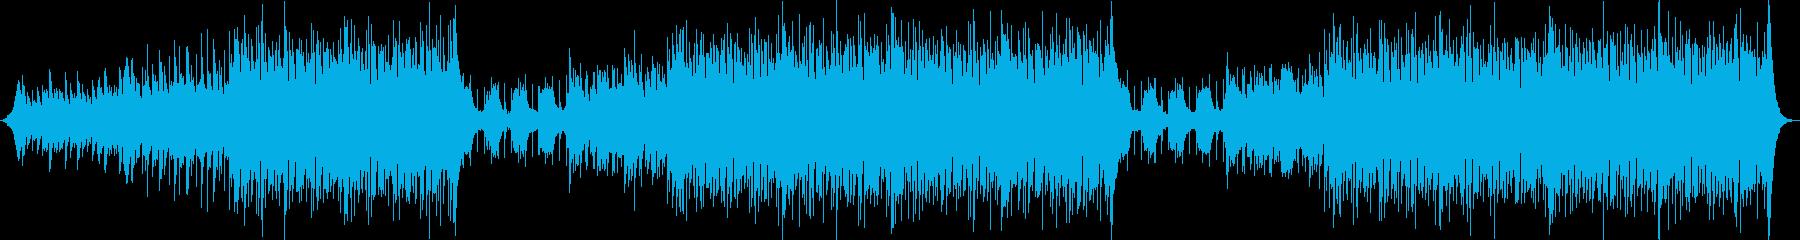 EDM・壮大・感動的・オーケストラ・入場の再生済みの波形